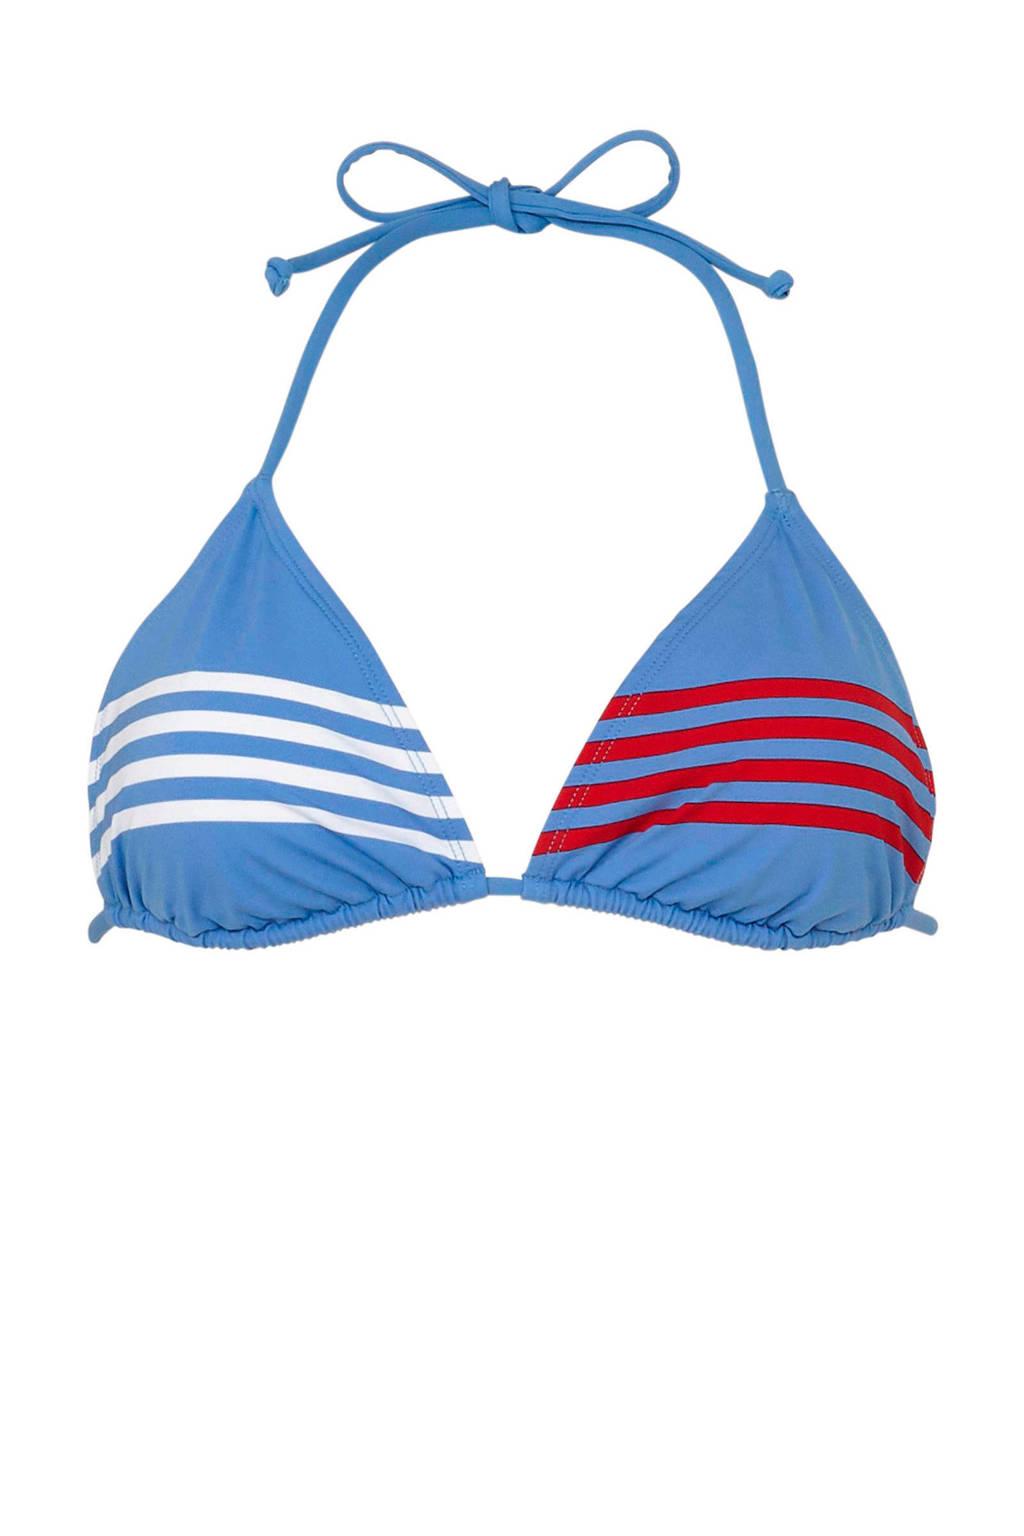 Tommy Hilfiger triangel bikinitop met strepen lichtblauw, Lichtblauw/wit/rood